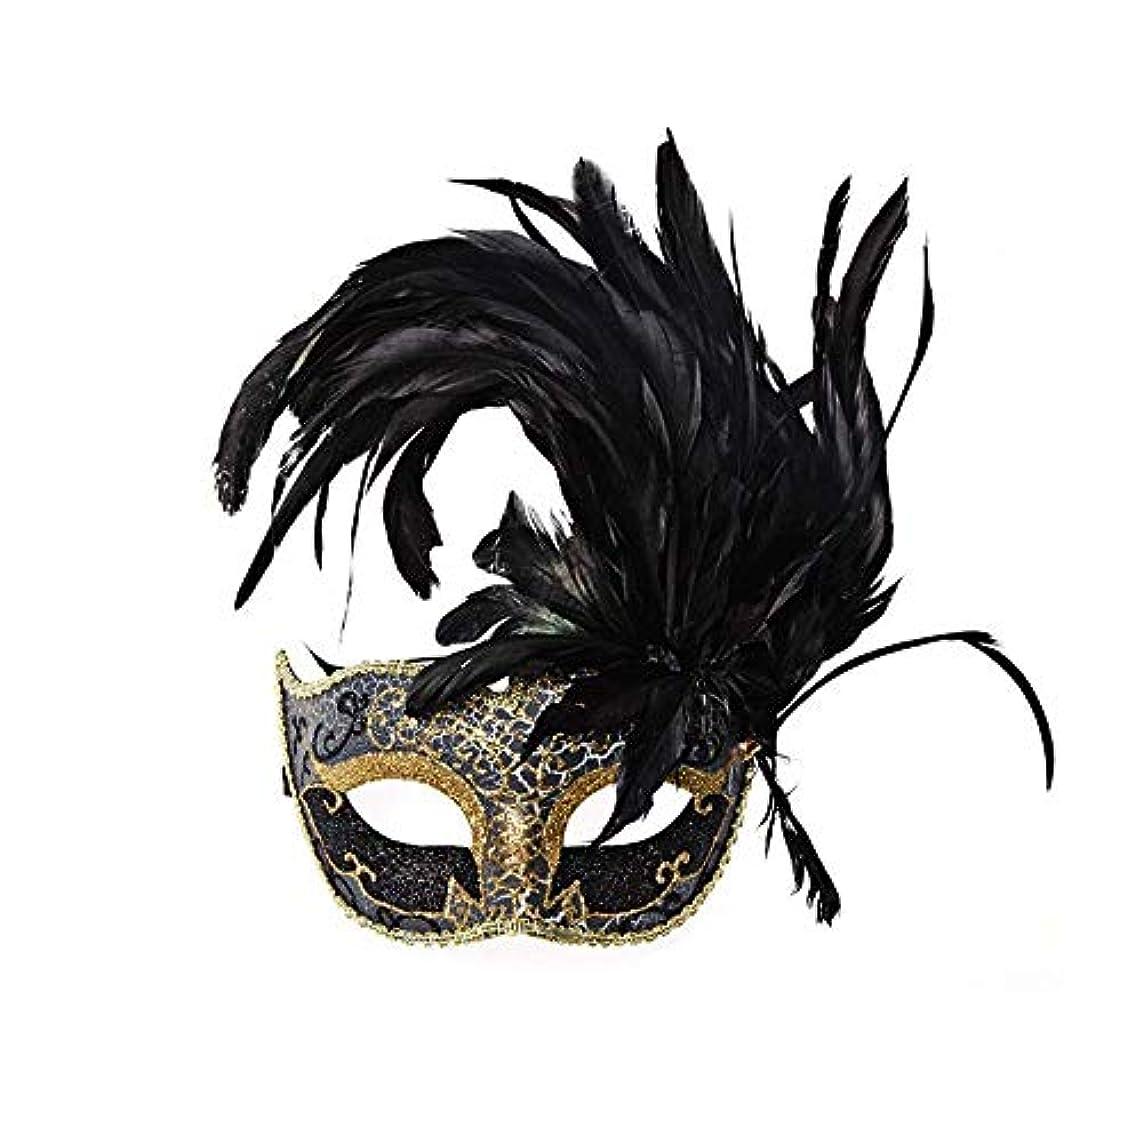 廃止するスライス有限Nanle ハロウィンマスクハーフフェザーマスクベニスプリンセスマスク美容レース仮面ライダーコスプレ (色 : Style A black)